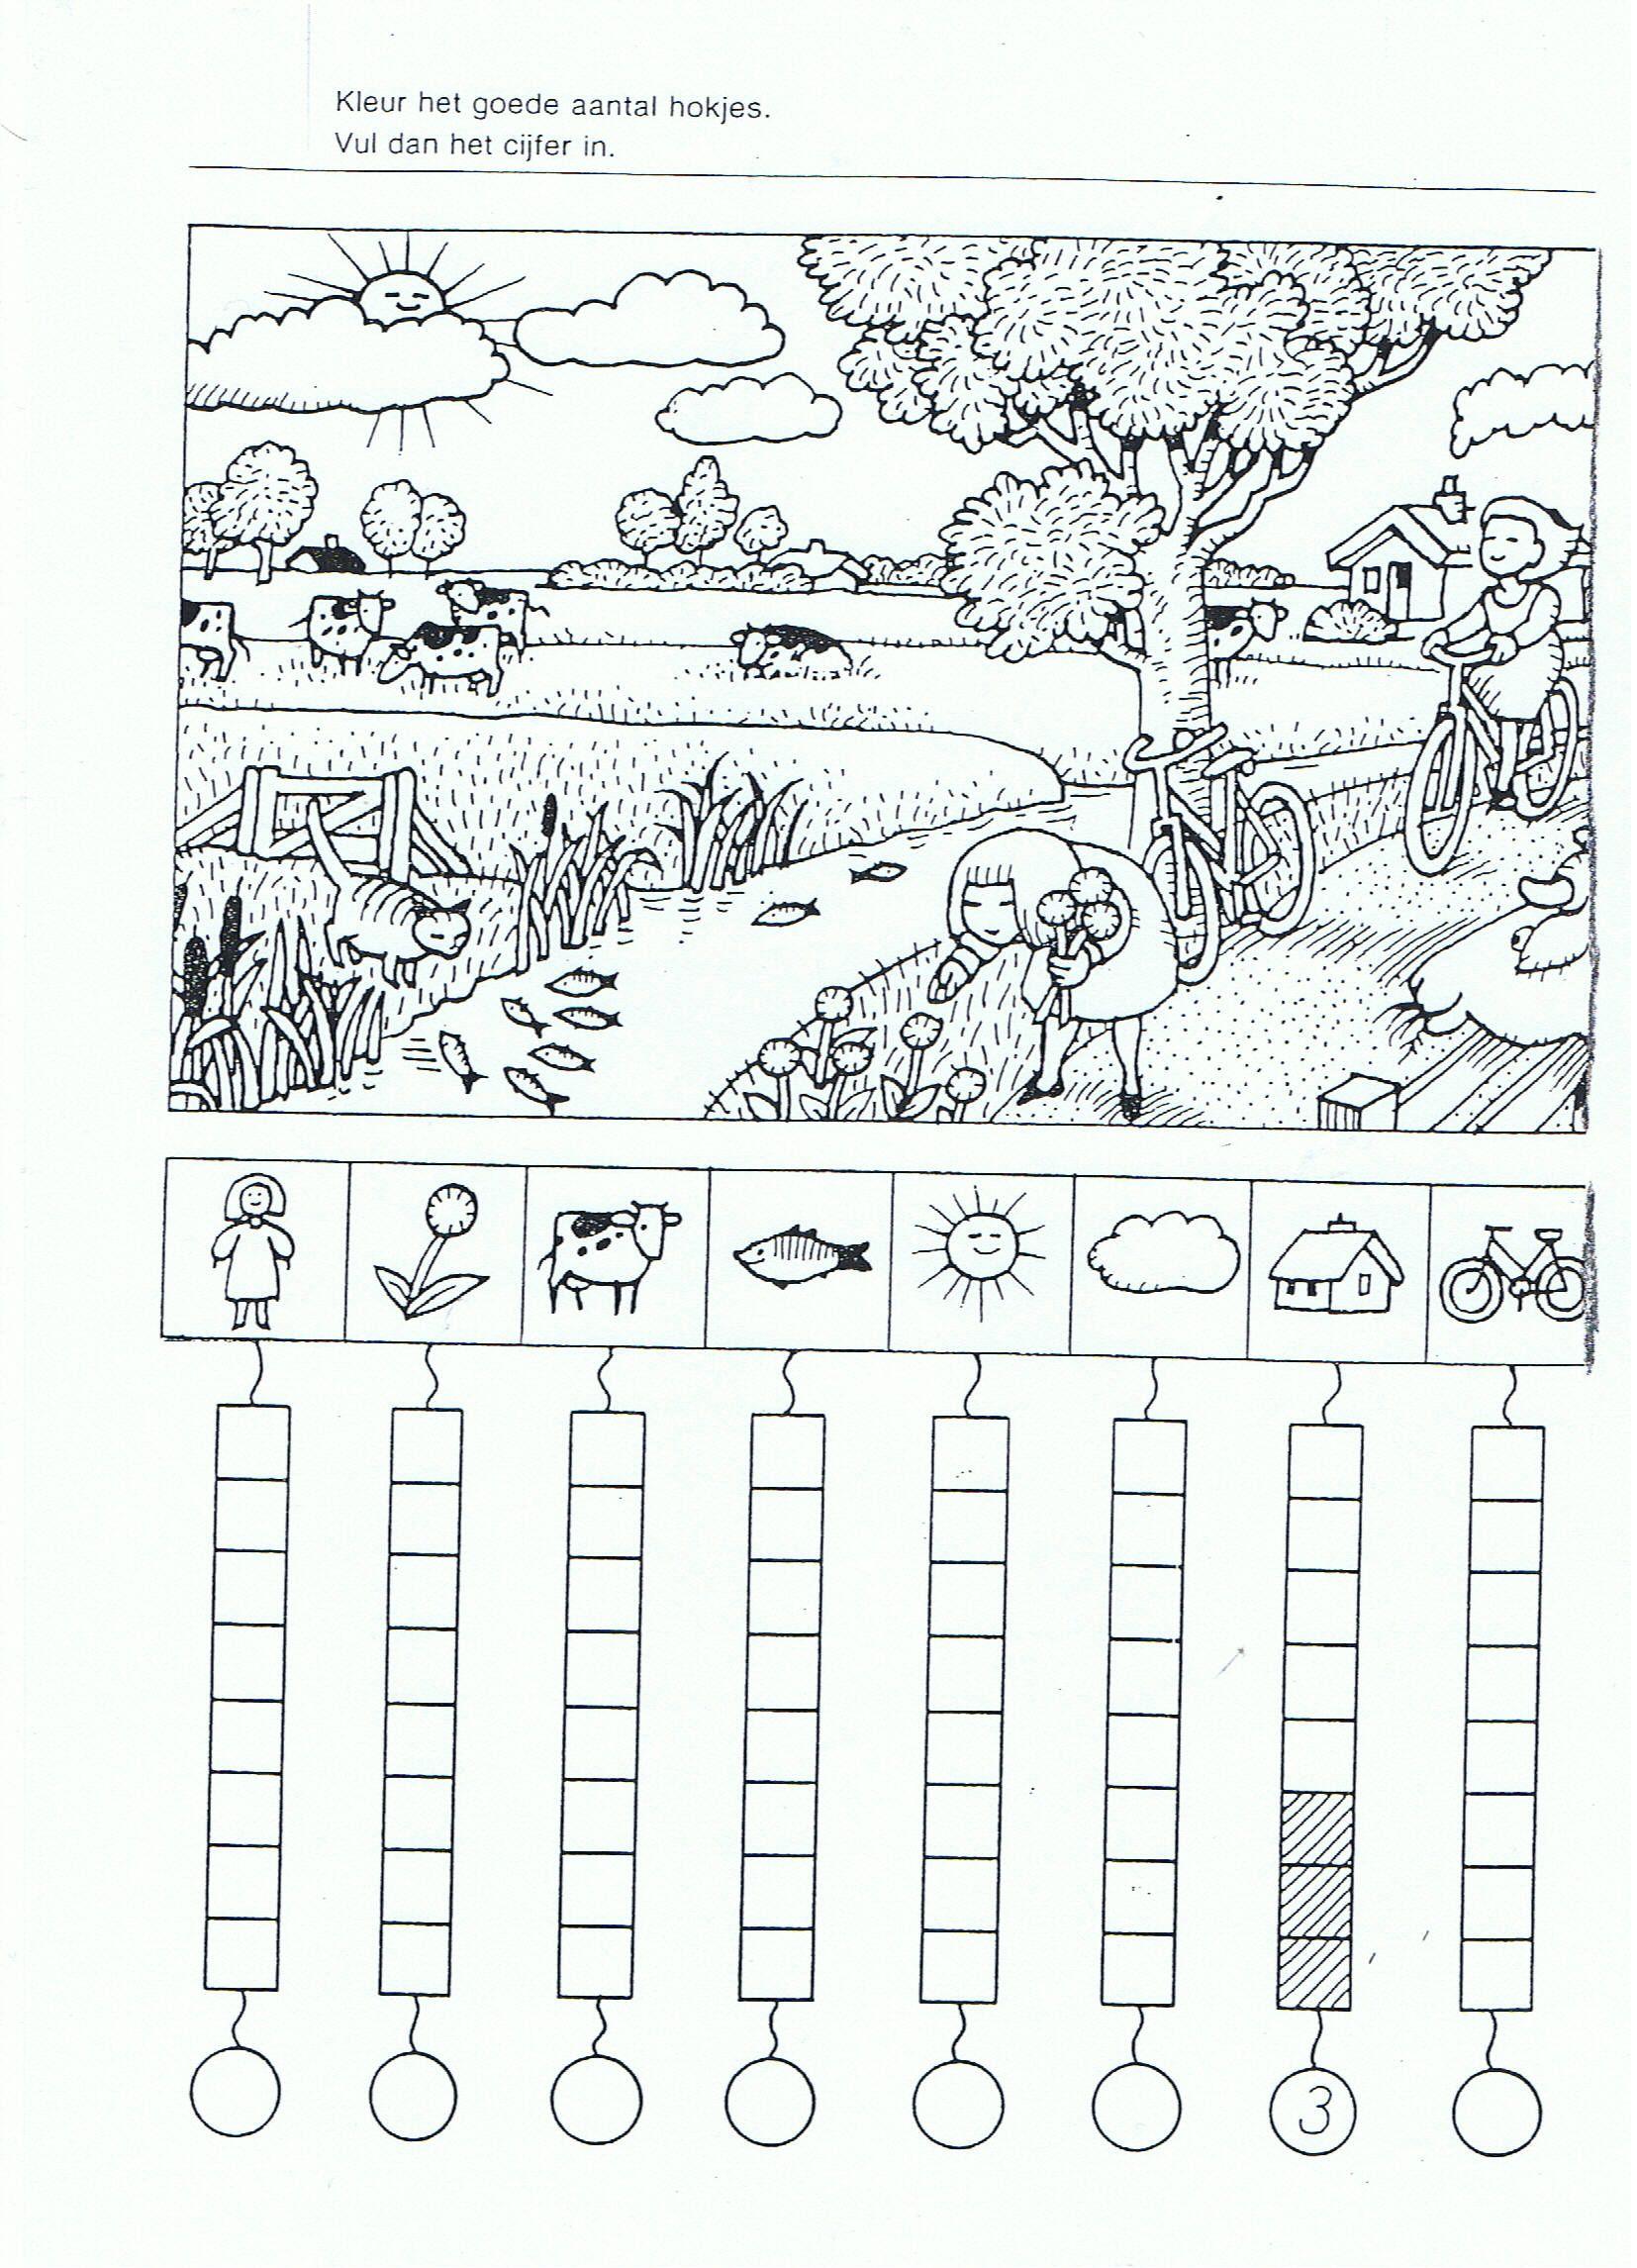 Mathe Zahlen Objekte Im Bild Finden Und Zahlen